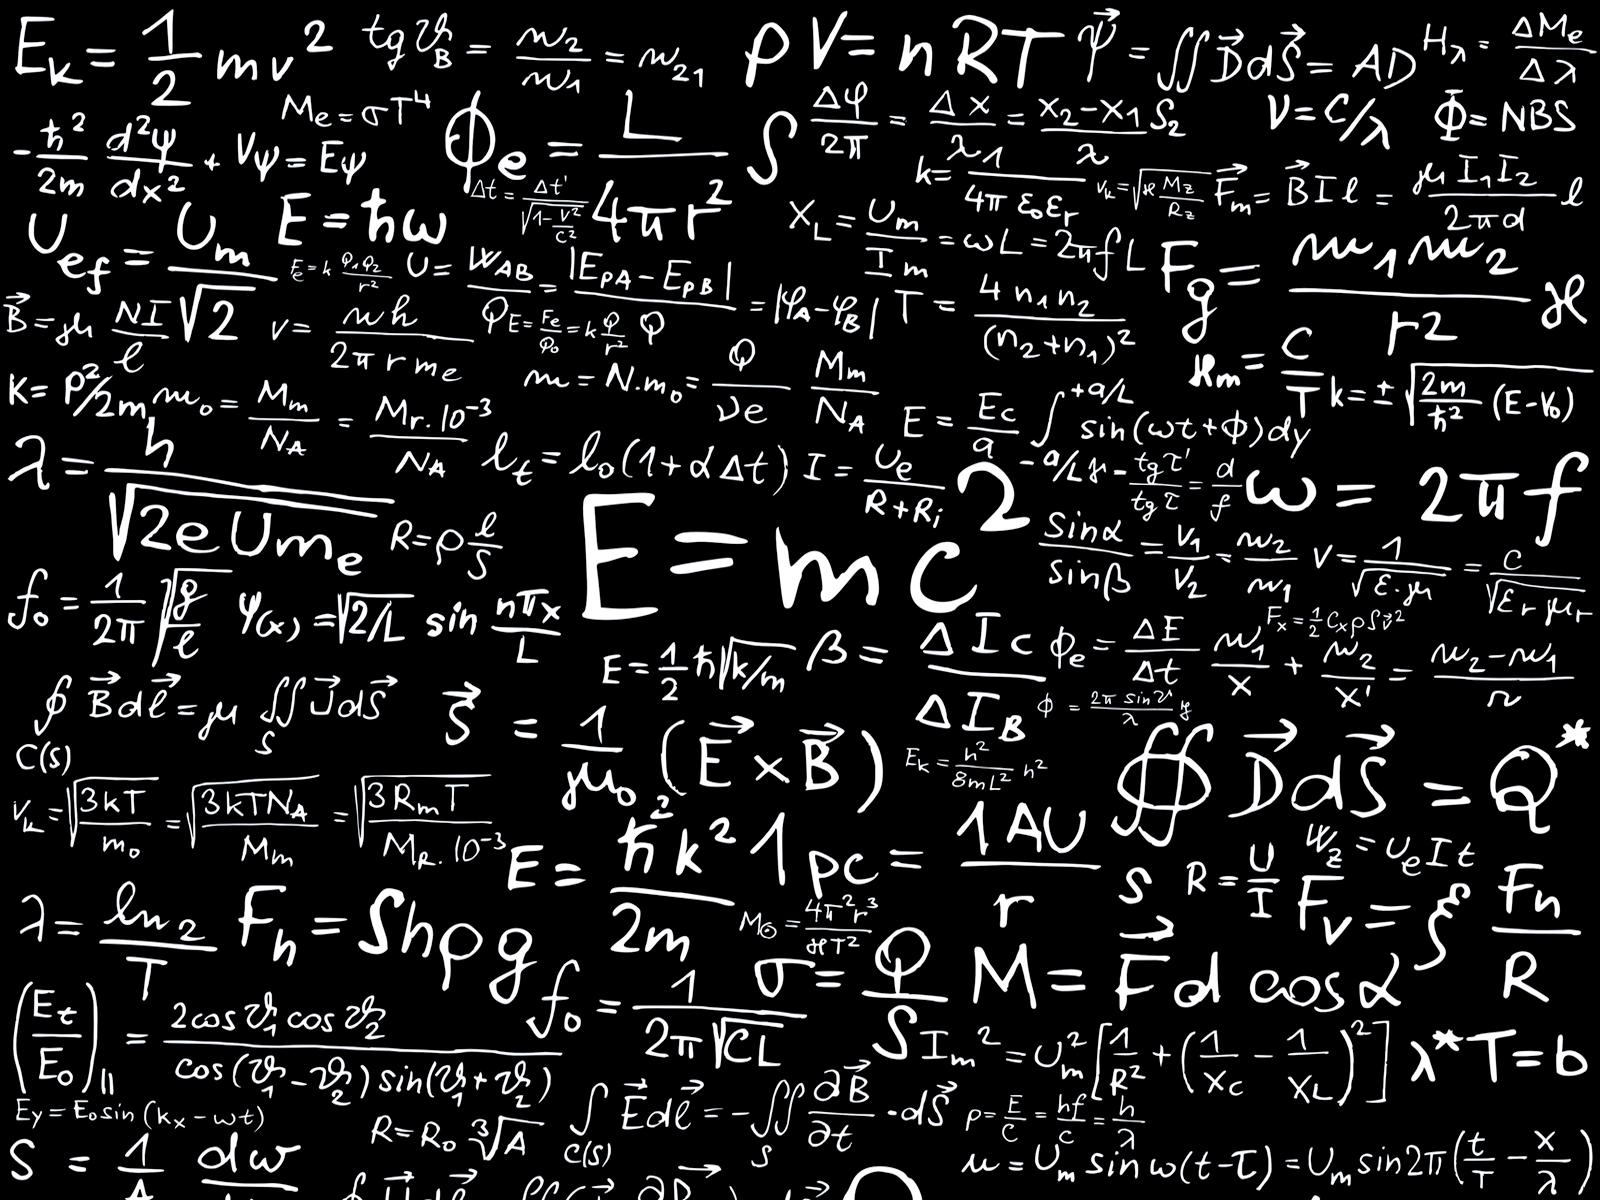 http://4.bp.blogspot.com/-FlPmPZi0HZs/Tq6GBMR5oGI/AAAAAAAAA3M/oWlJQmbLp2c/s1600/Physics-WaLp-tw2011.png